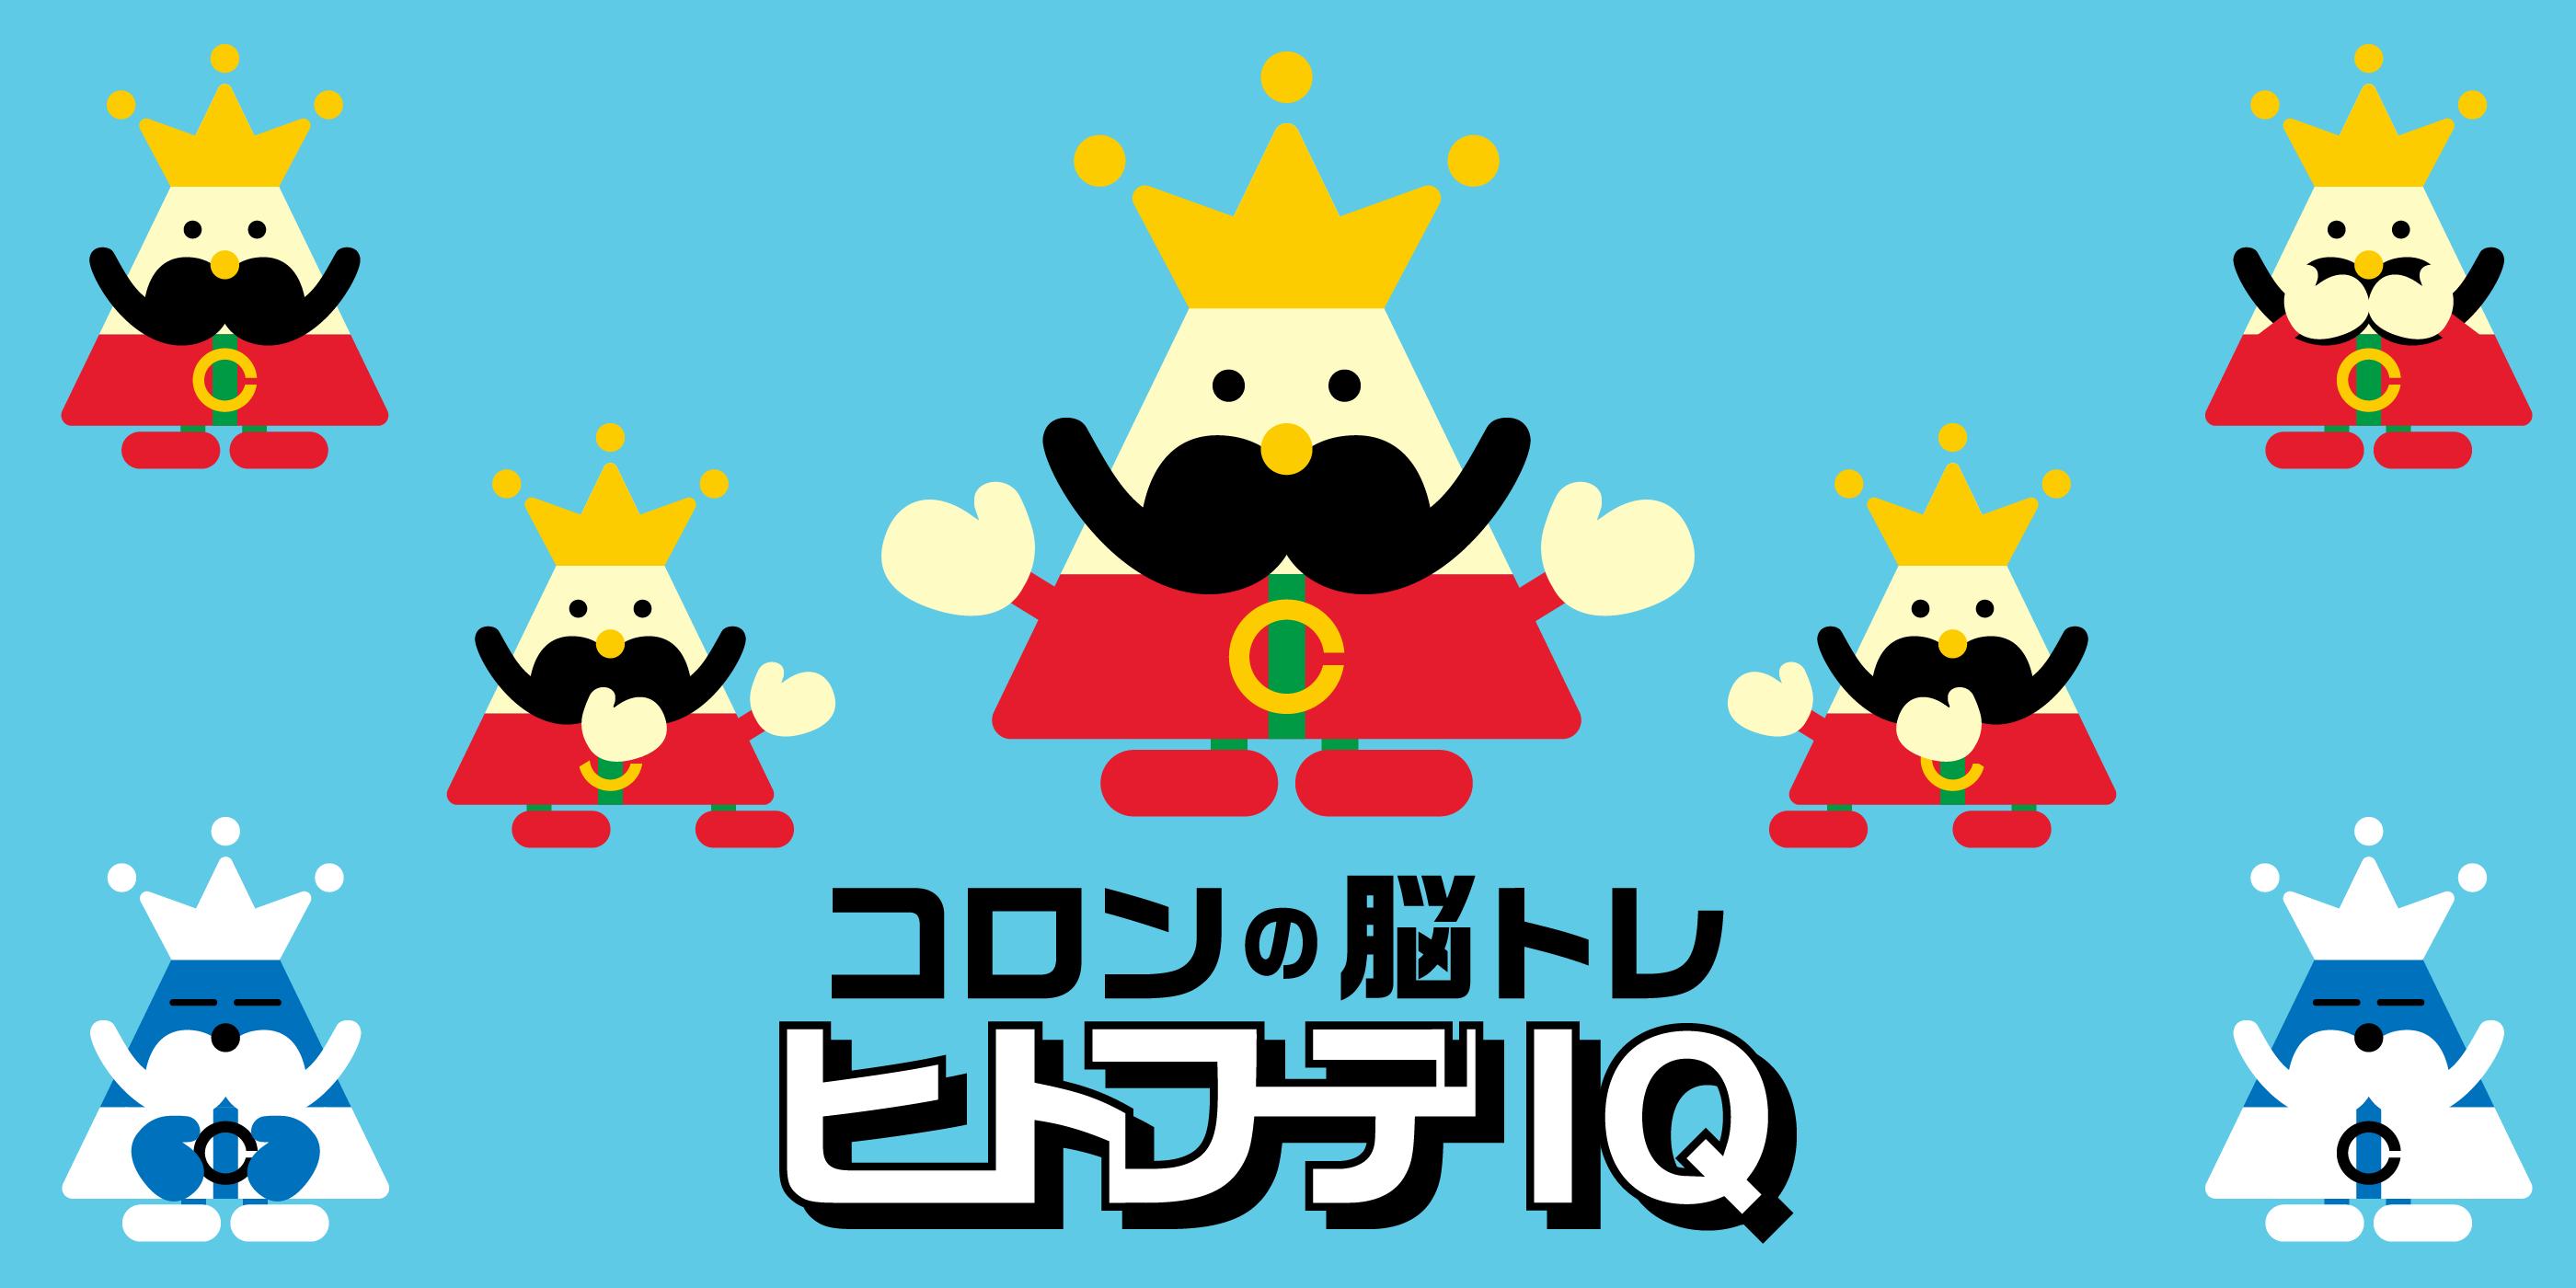 ヒトフデIQ 王様 キャラクター